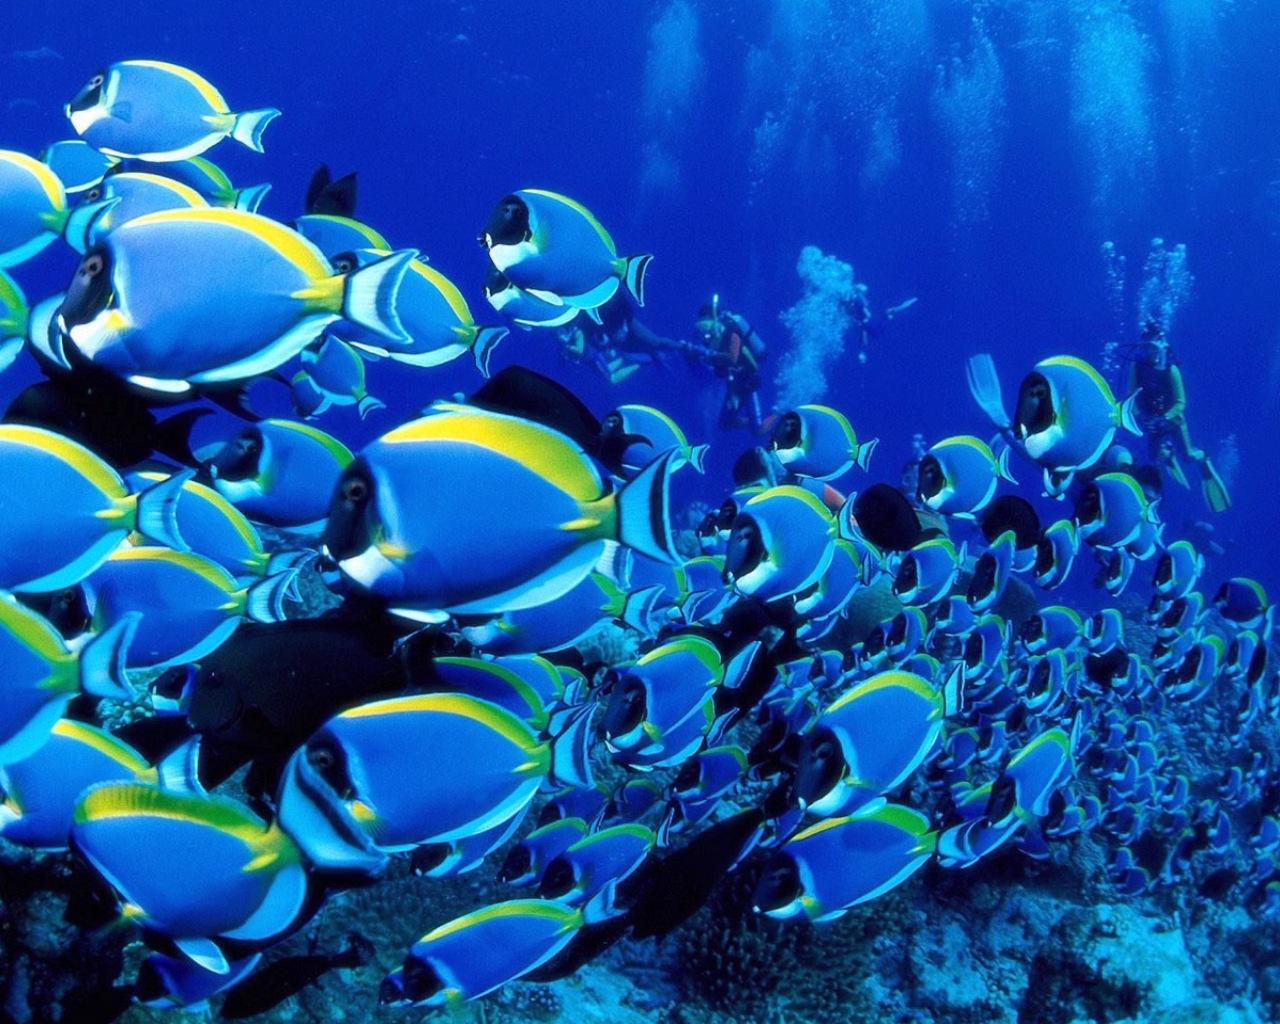 коралловые рыбки фото, обои, стая рыб, обои на рабочий стол